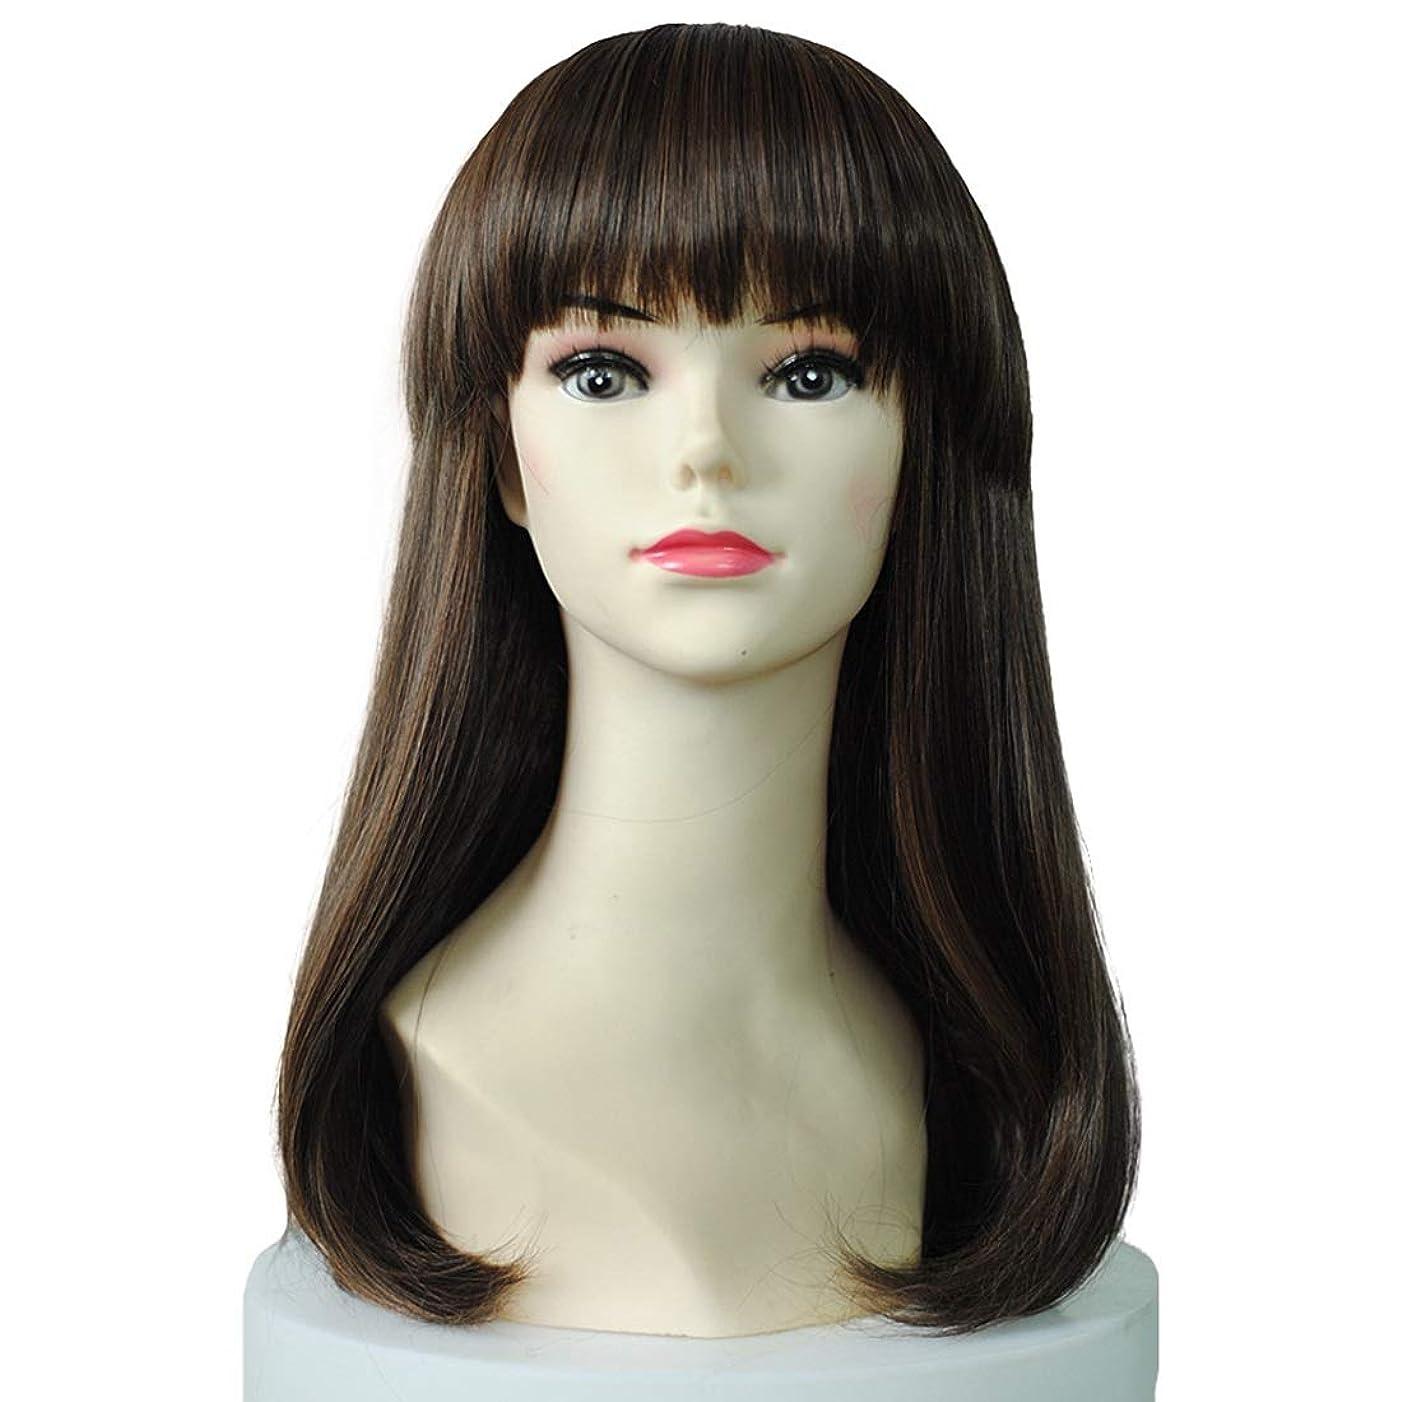 泣くよりピークKoloeplf 女性のかわいい混合色のかつらロングヘア化学繊維のかつら人形高温シルクウィッグ (Color : Photo Color)